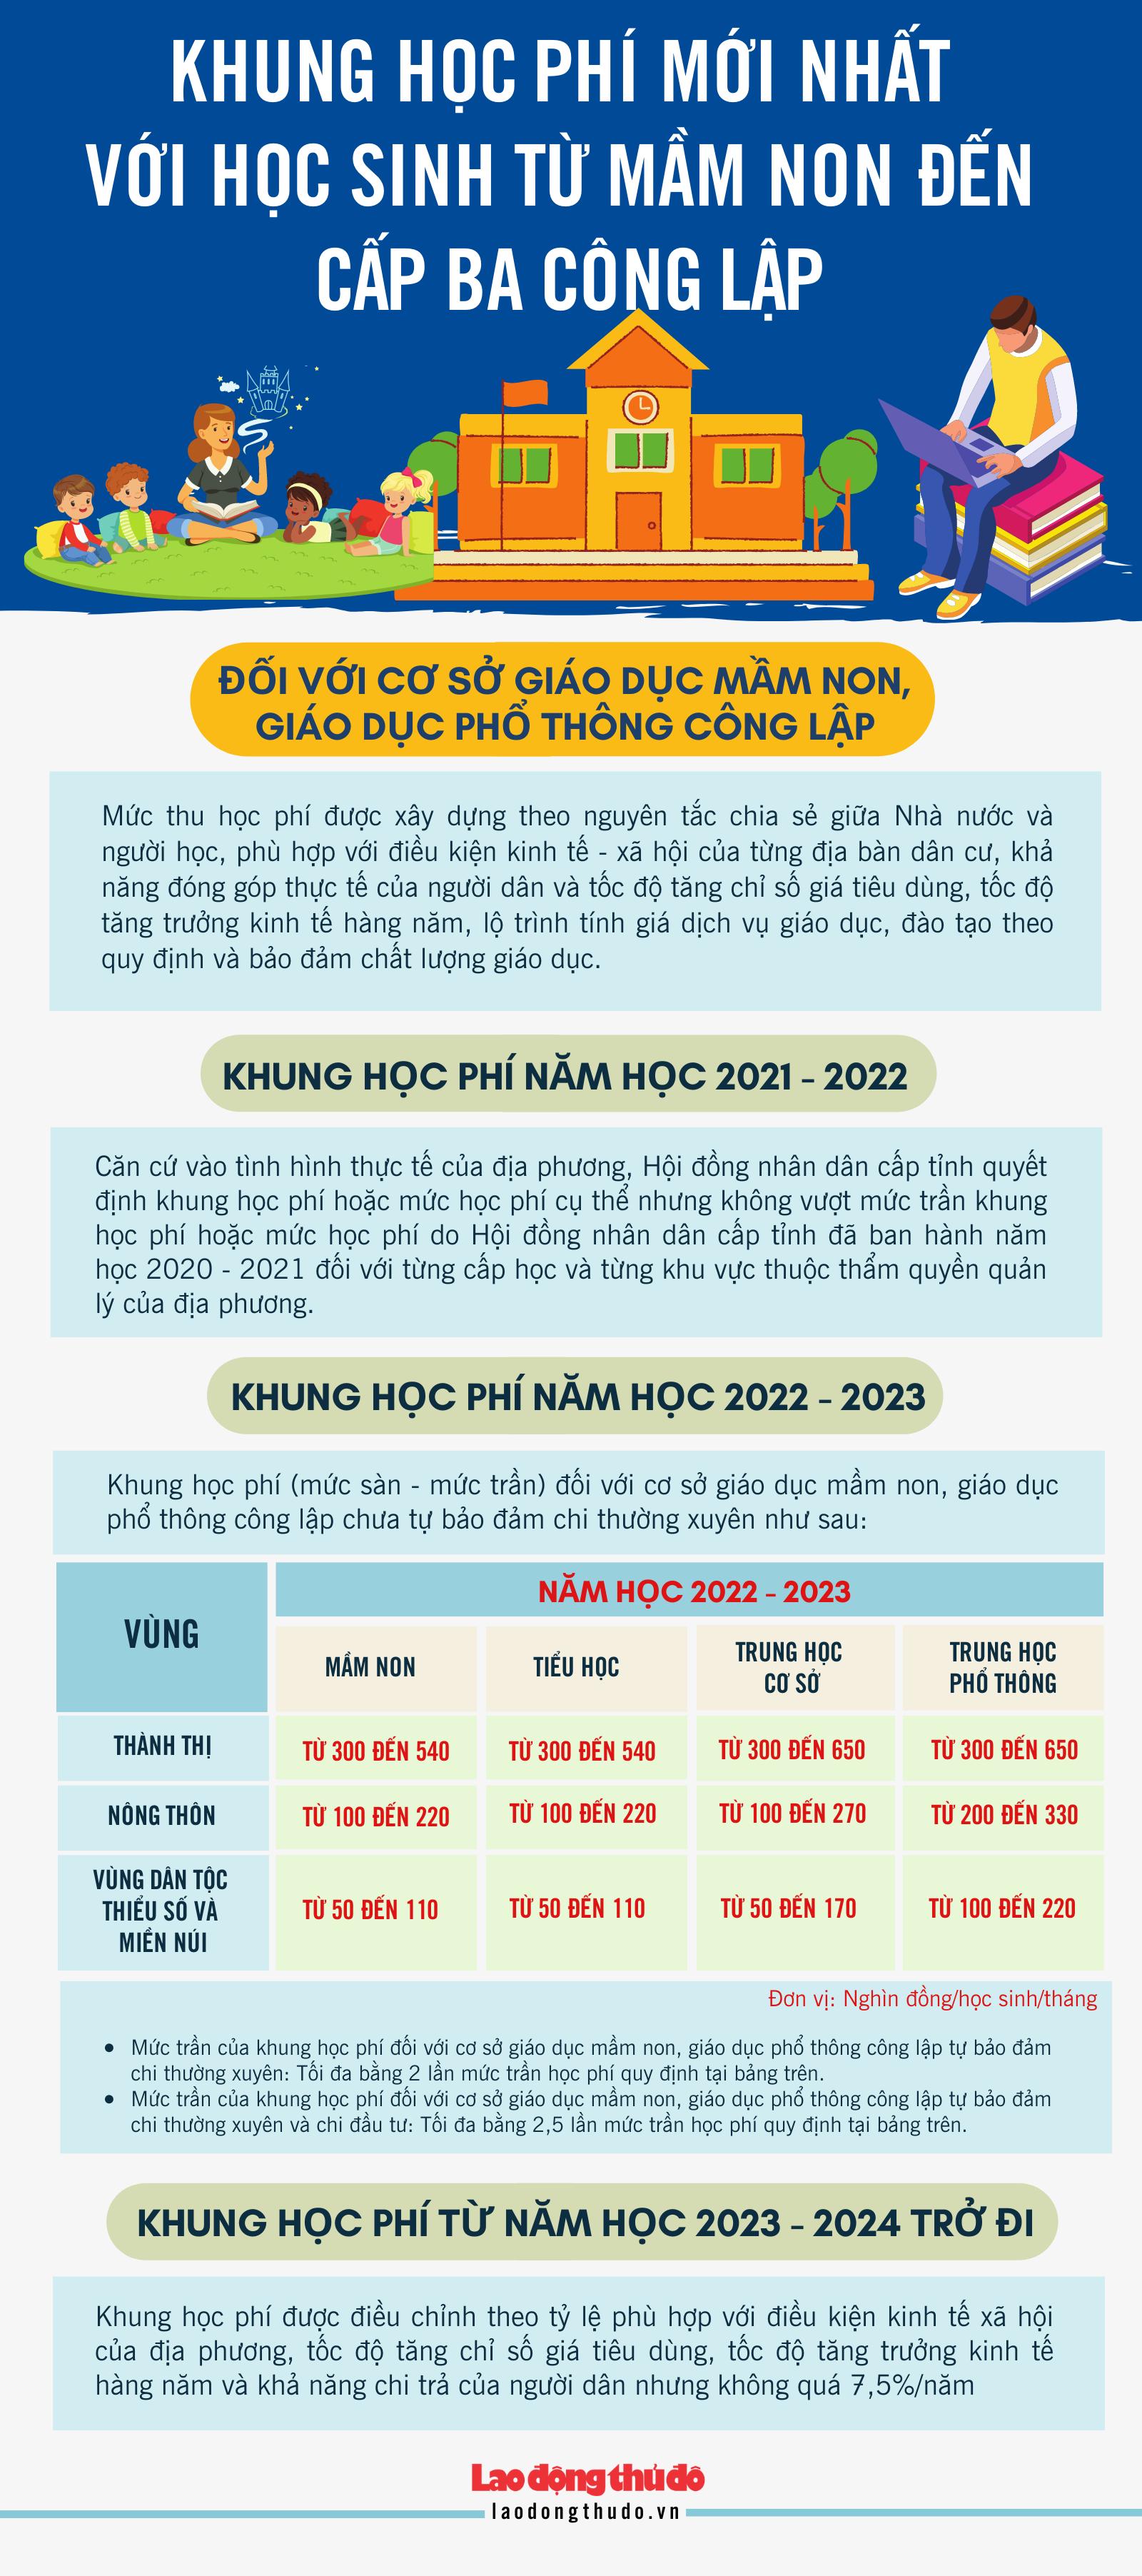 [Infographic] Khung học phí mới nhất với học sinh từ mầm non đến cấp ba công lập